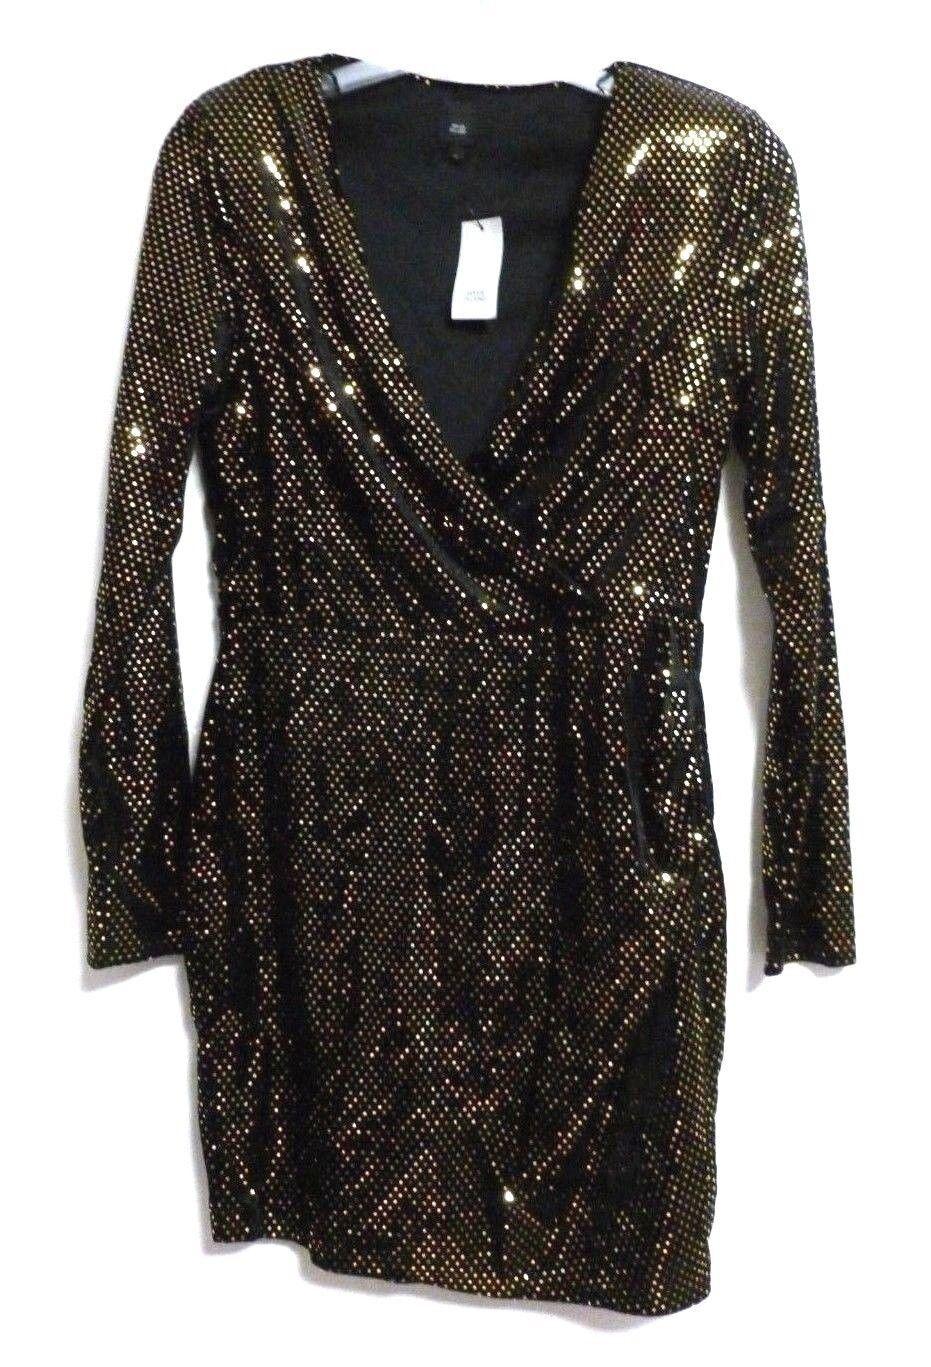 Ebay Uk Party Dresses Size 14 Goldin Ma